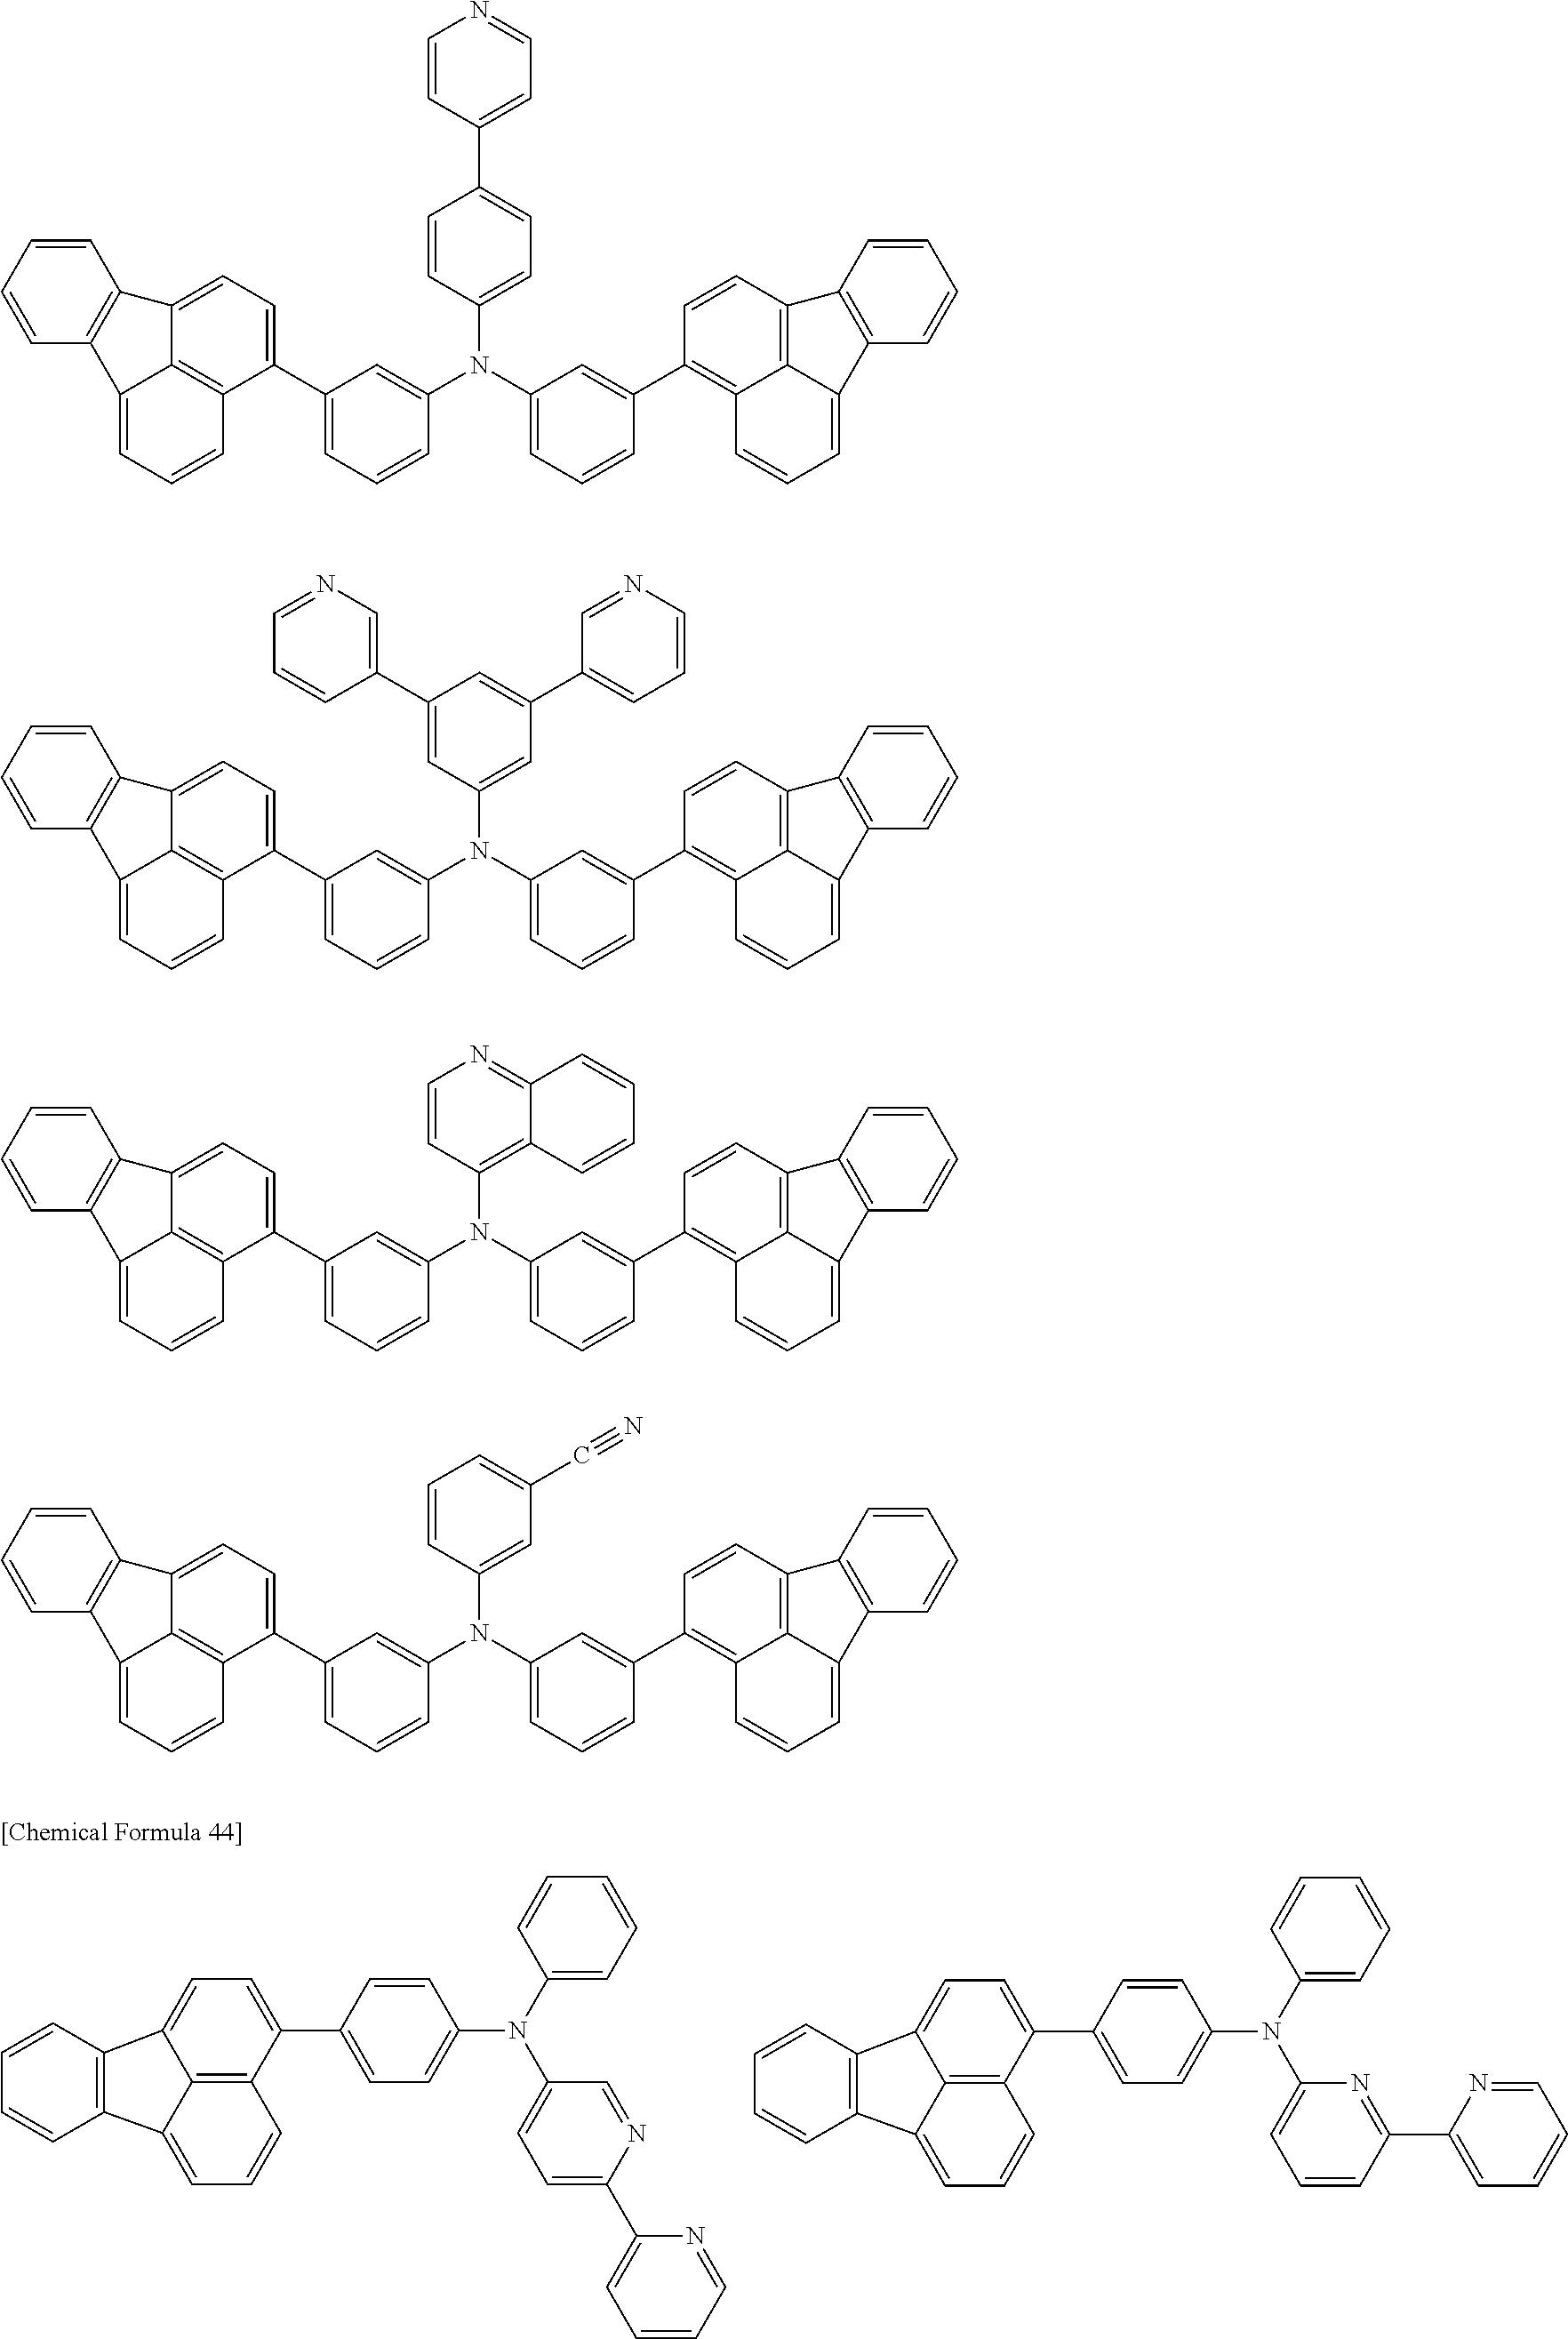 Figure US20150280139A1-20151001-C00111